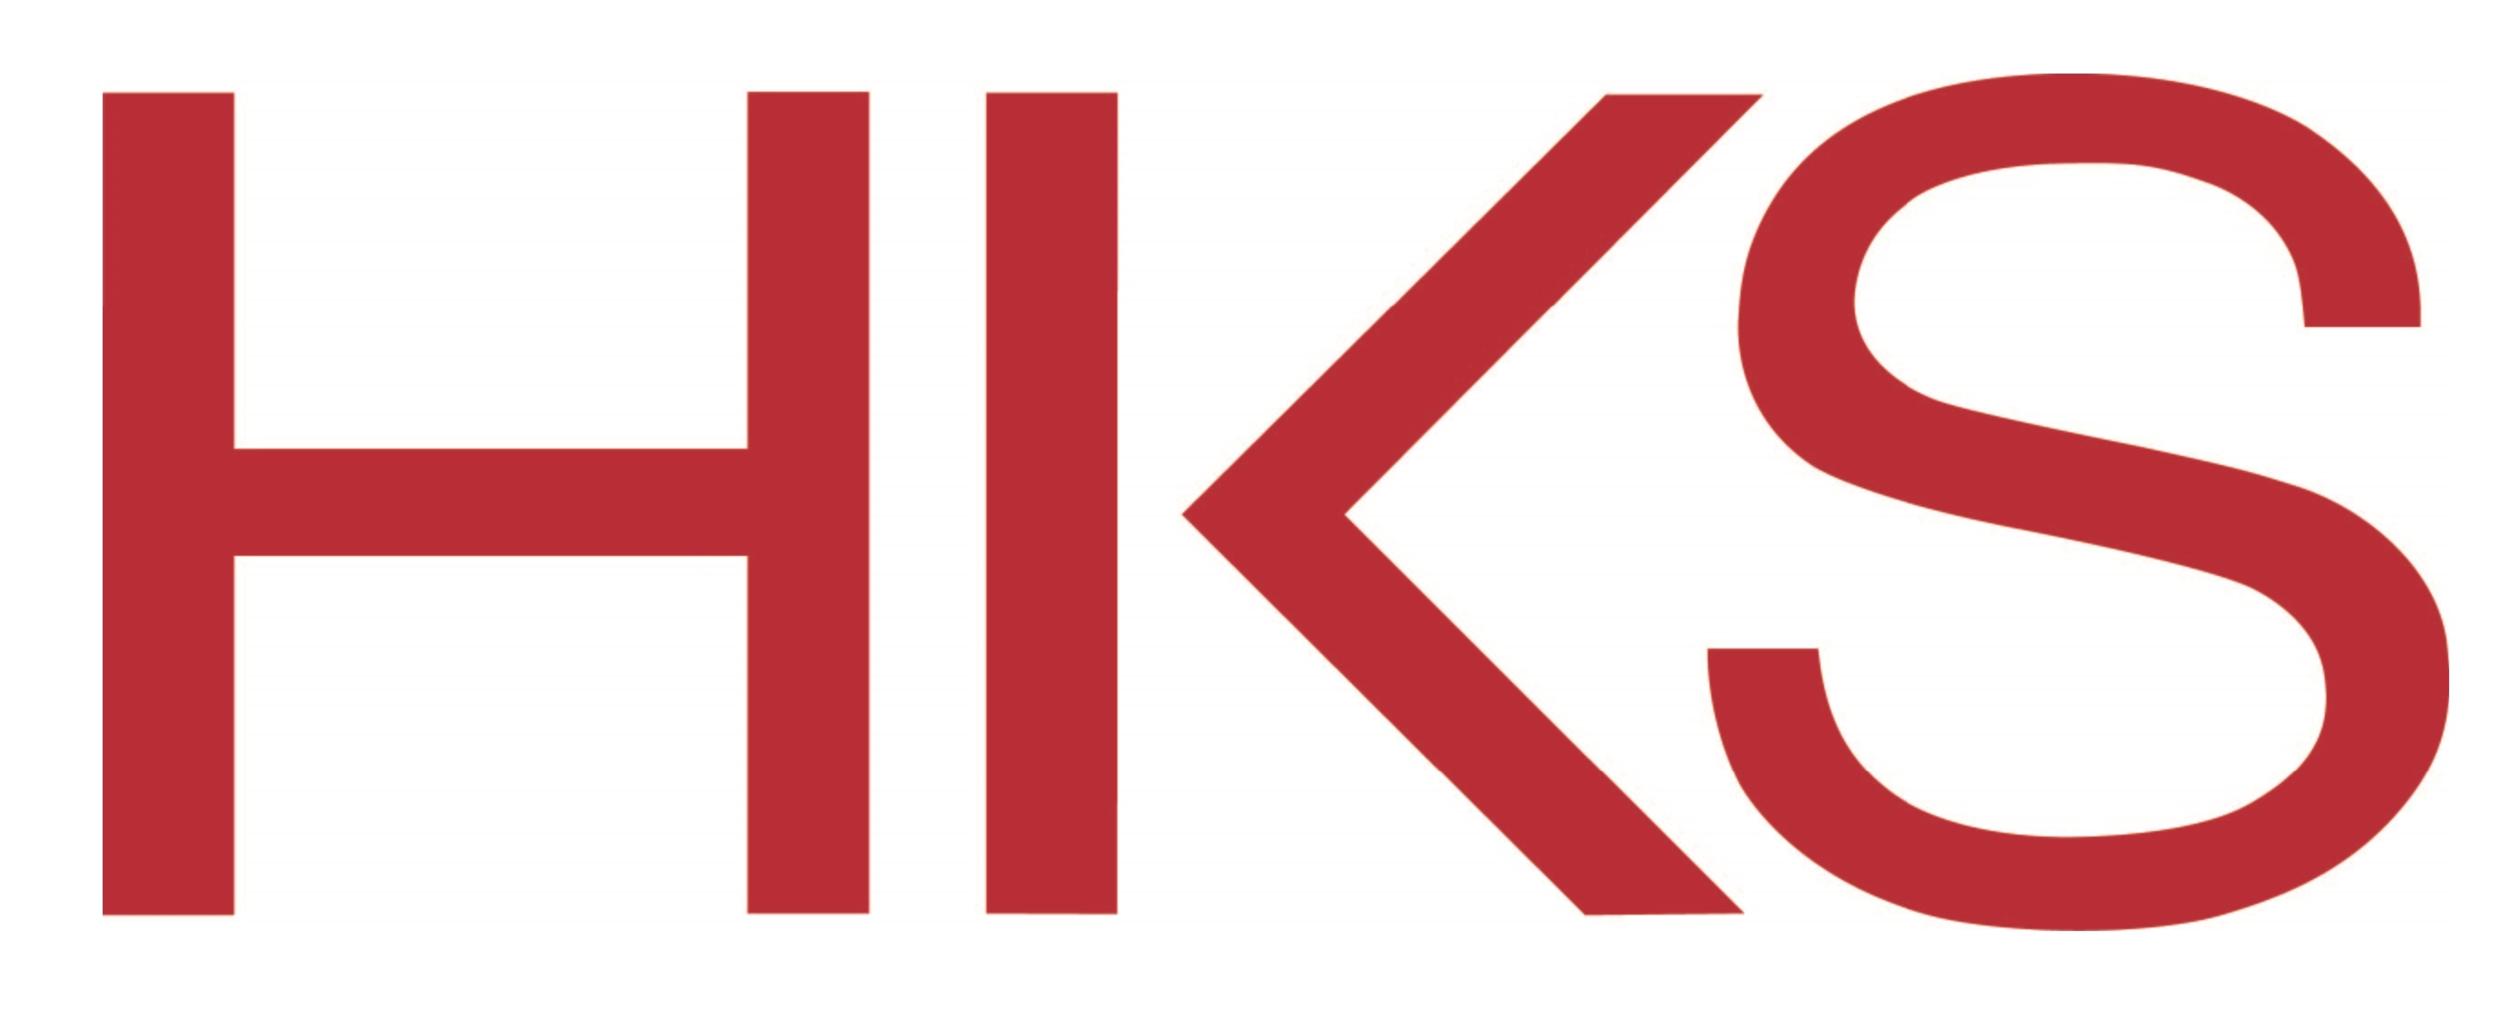 HKSInc.png